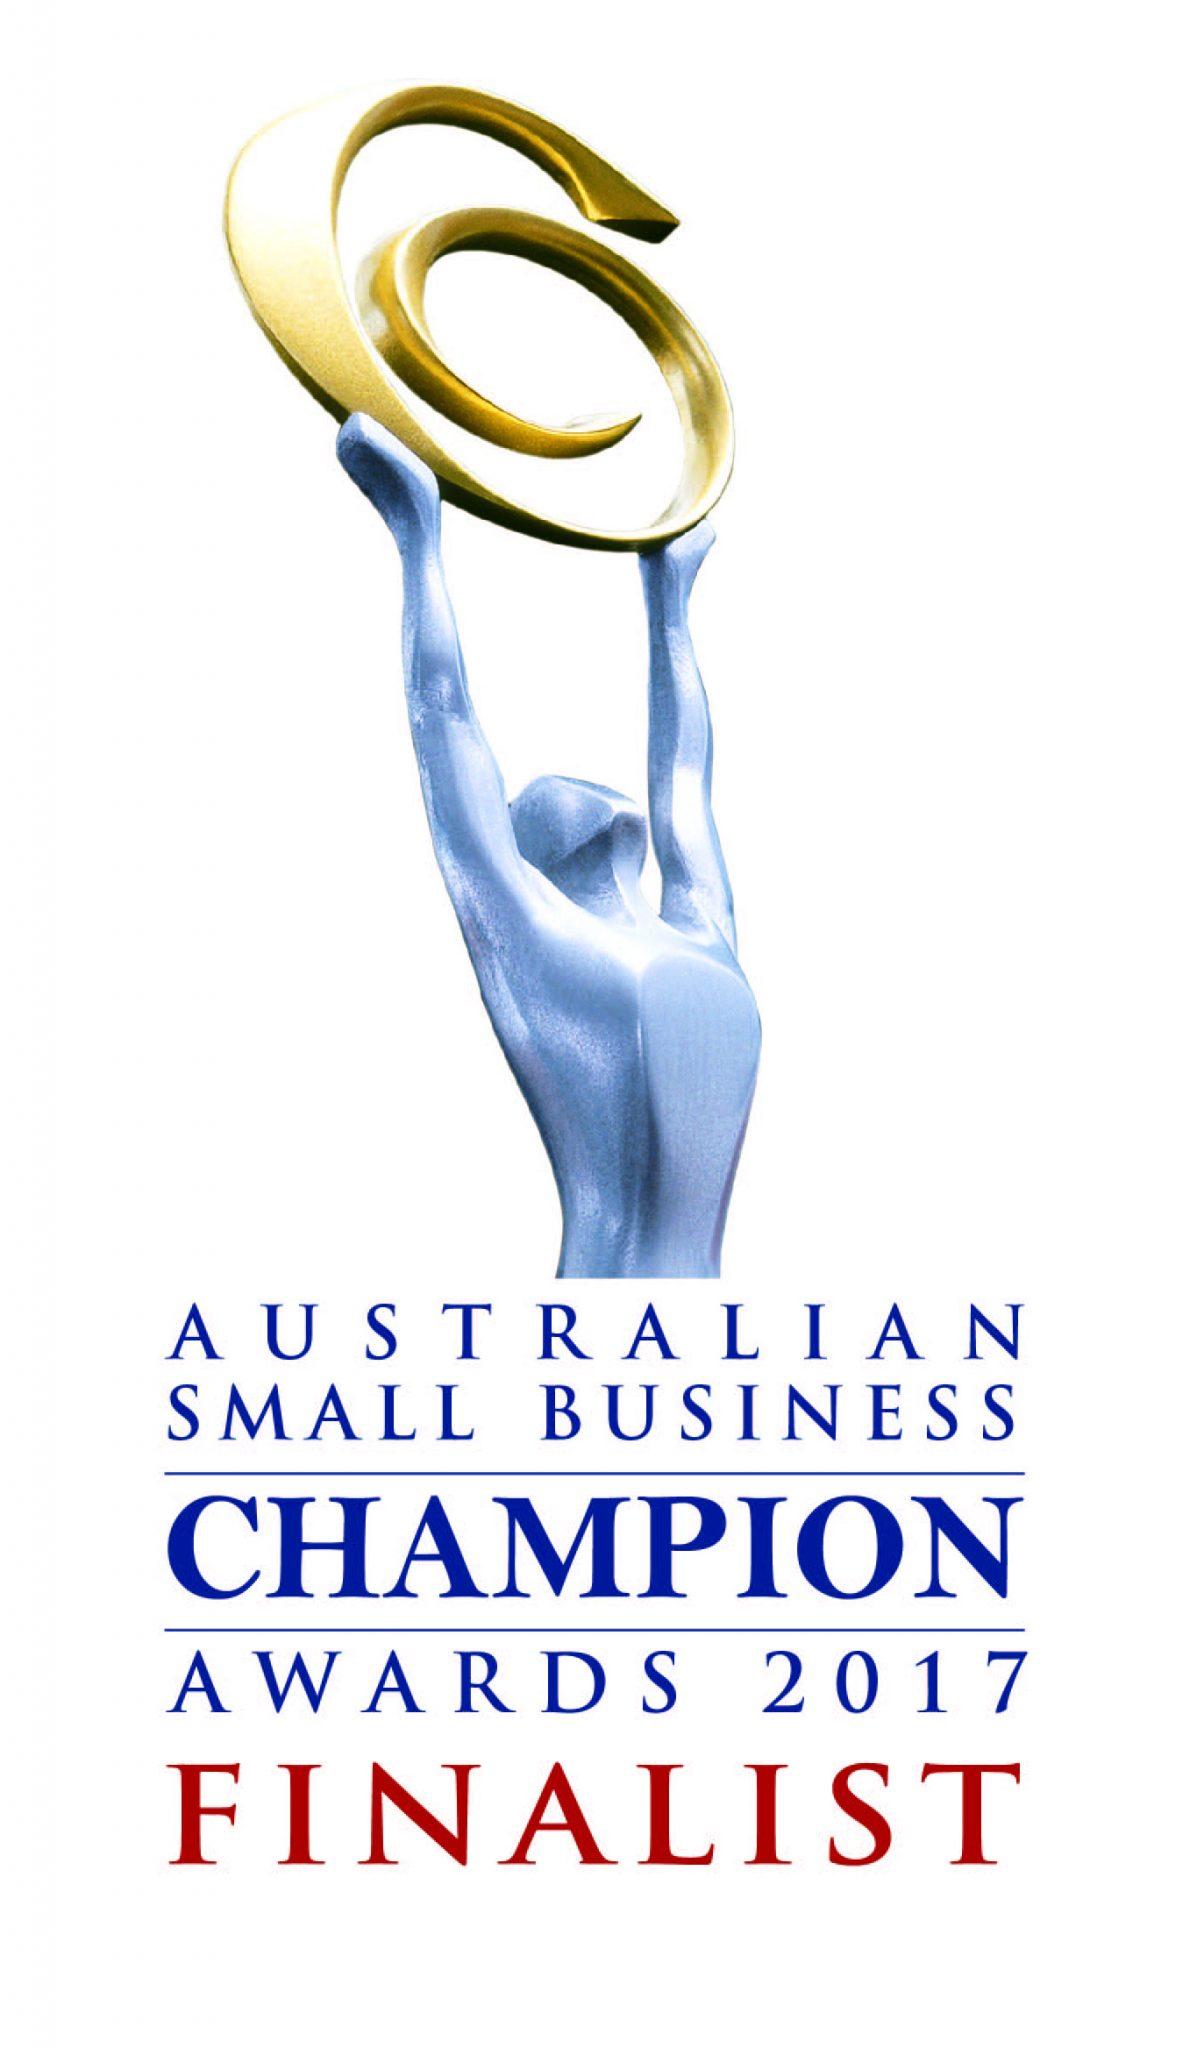 Australian Small Business Champion Finalist 2017